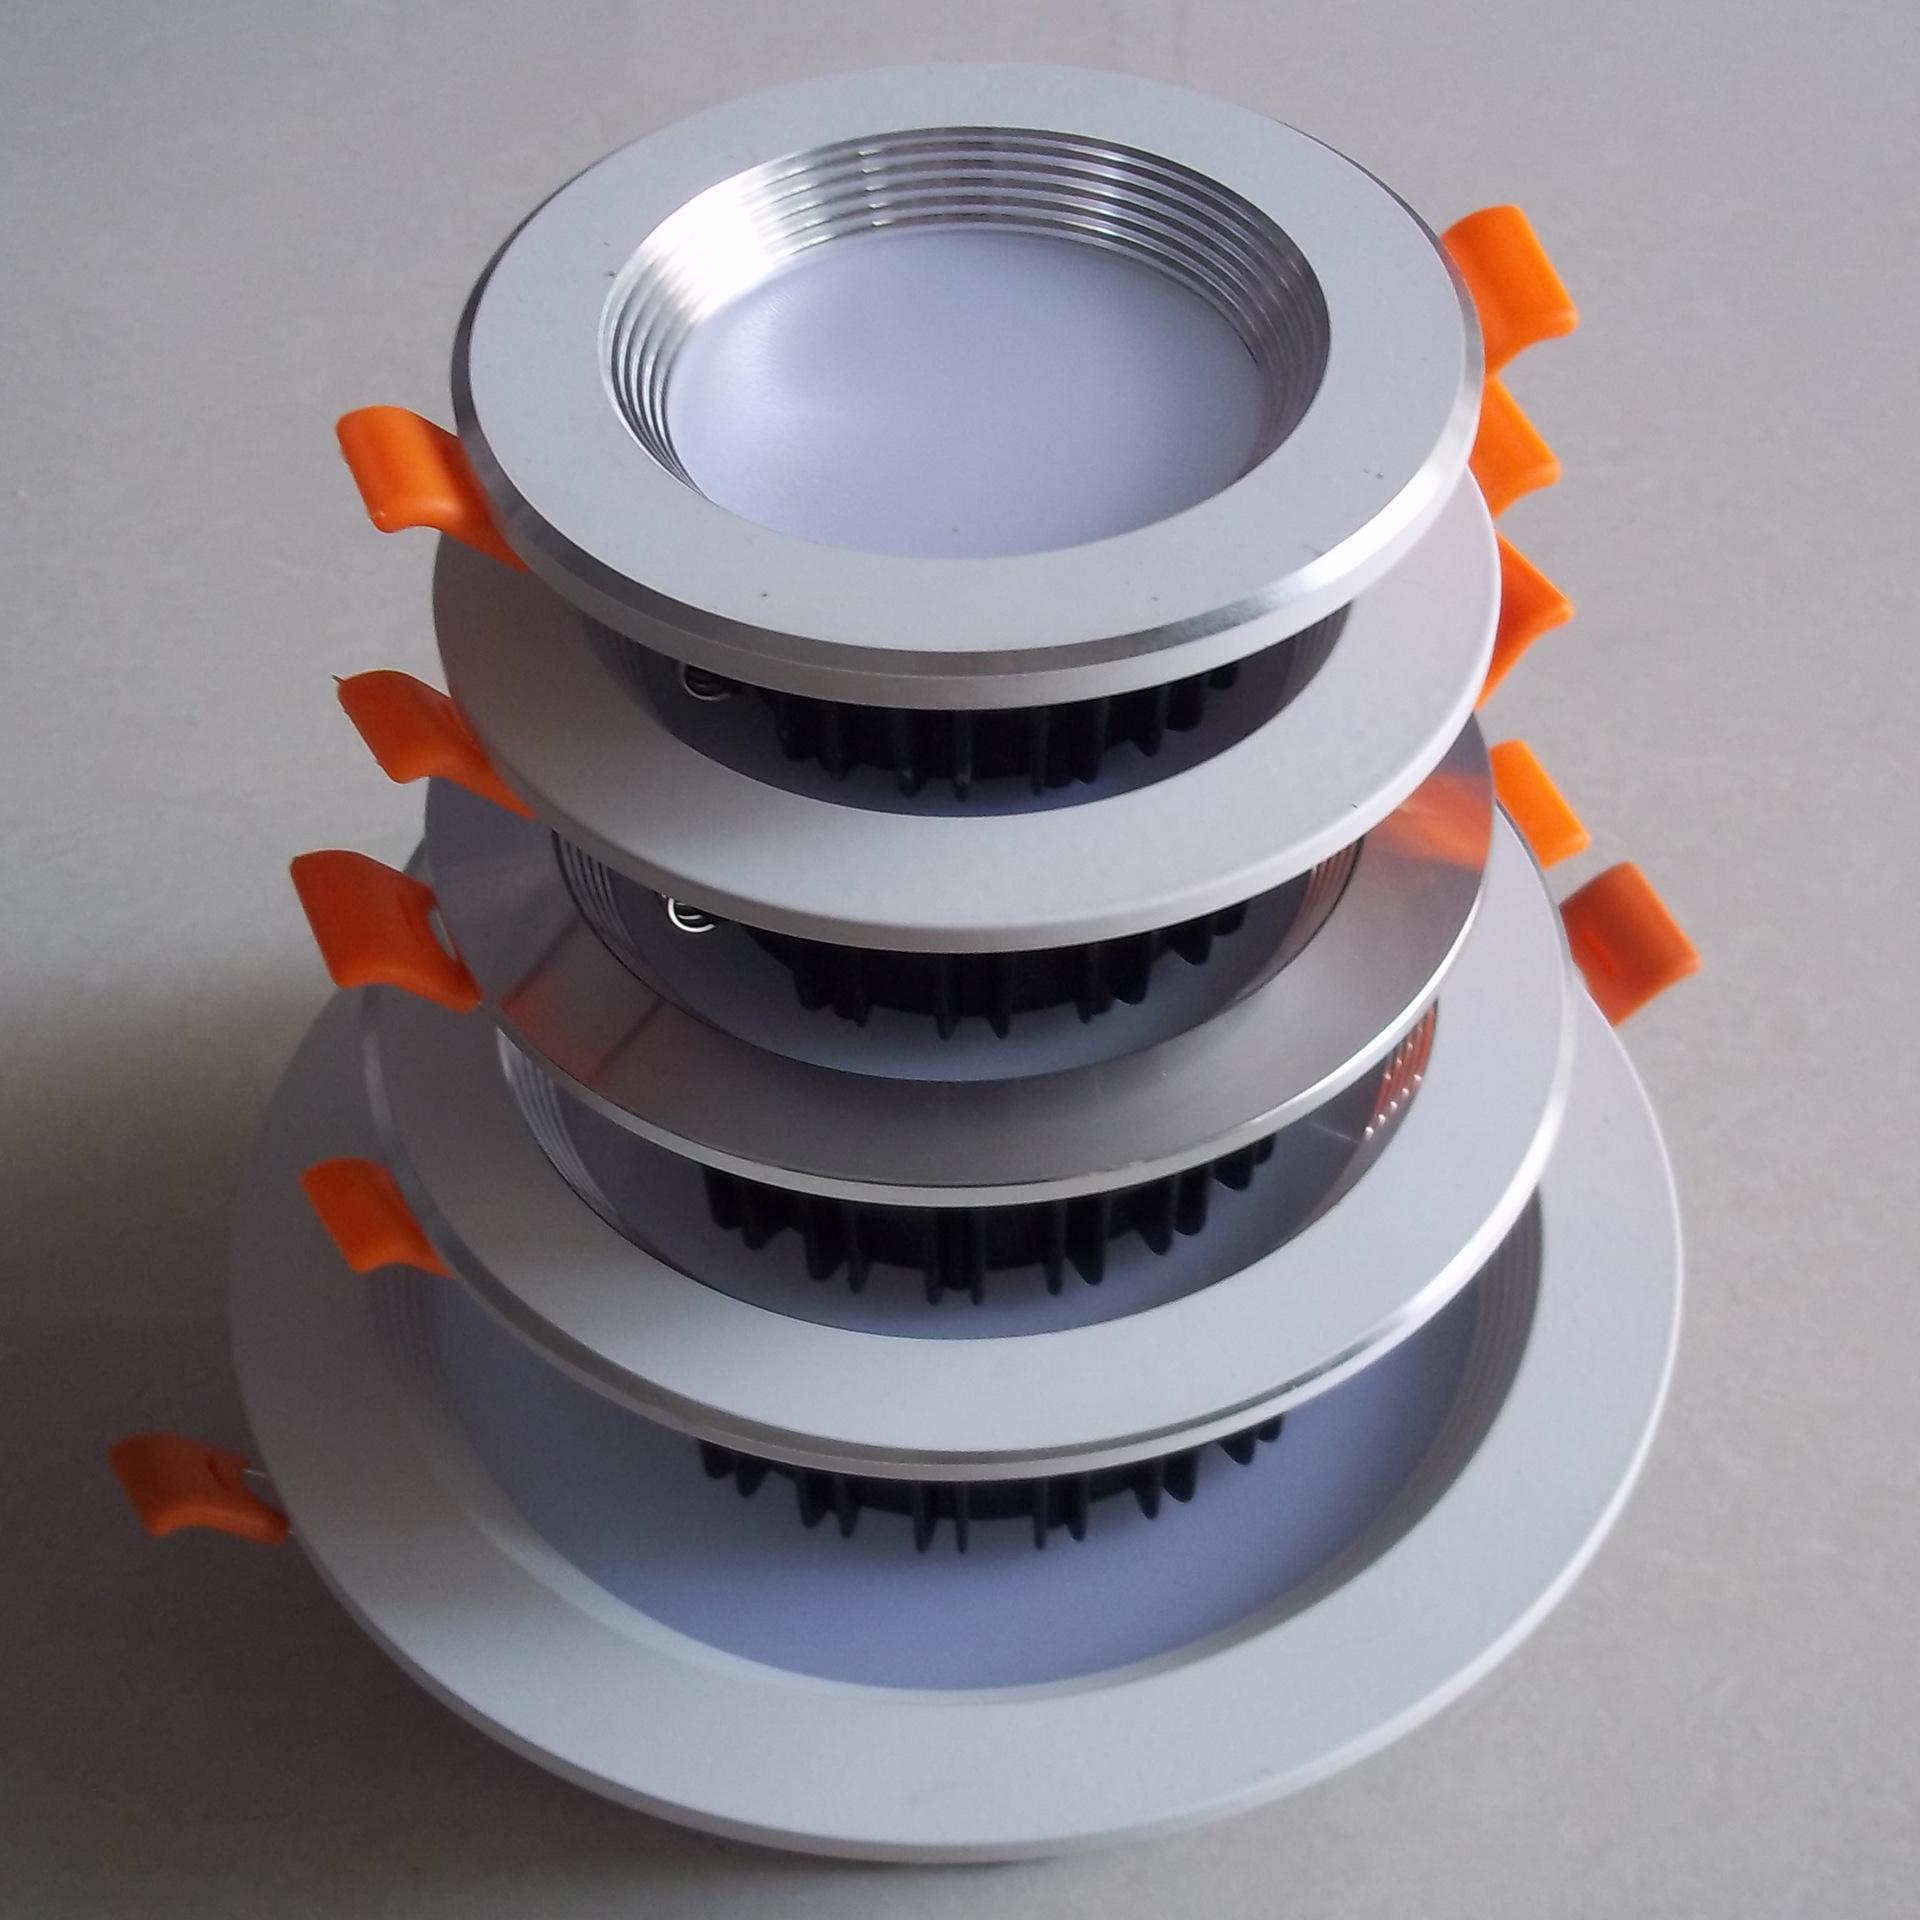 YIHUIDA Đèn trần bộ LED die-cast kit nhà ở downlight nóng bán bộ vỏ 5 inch Bộ vỏ đèn led ba cánh